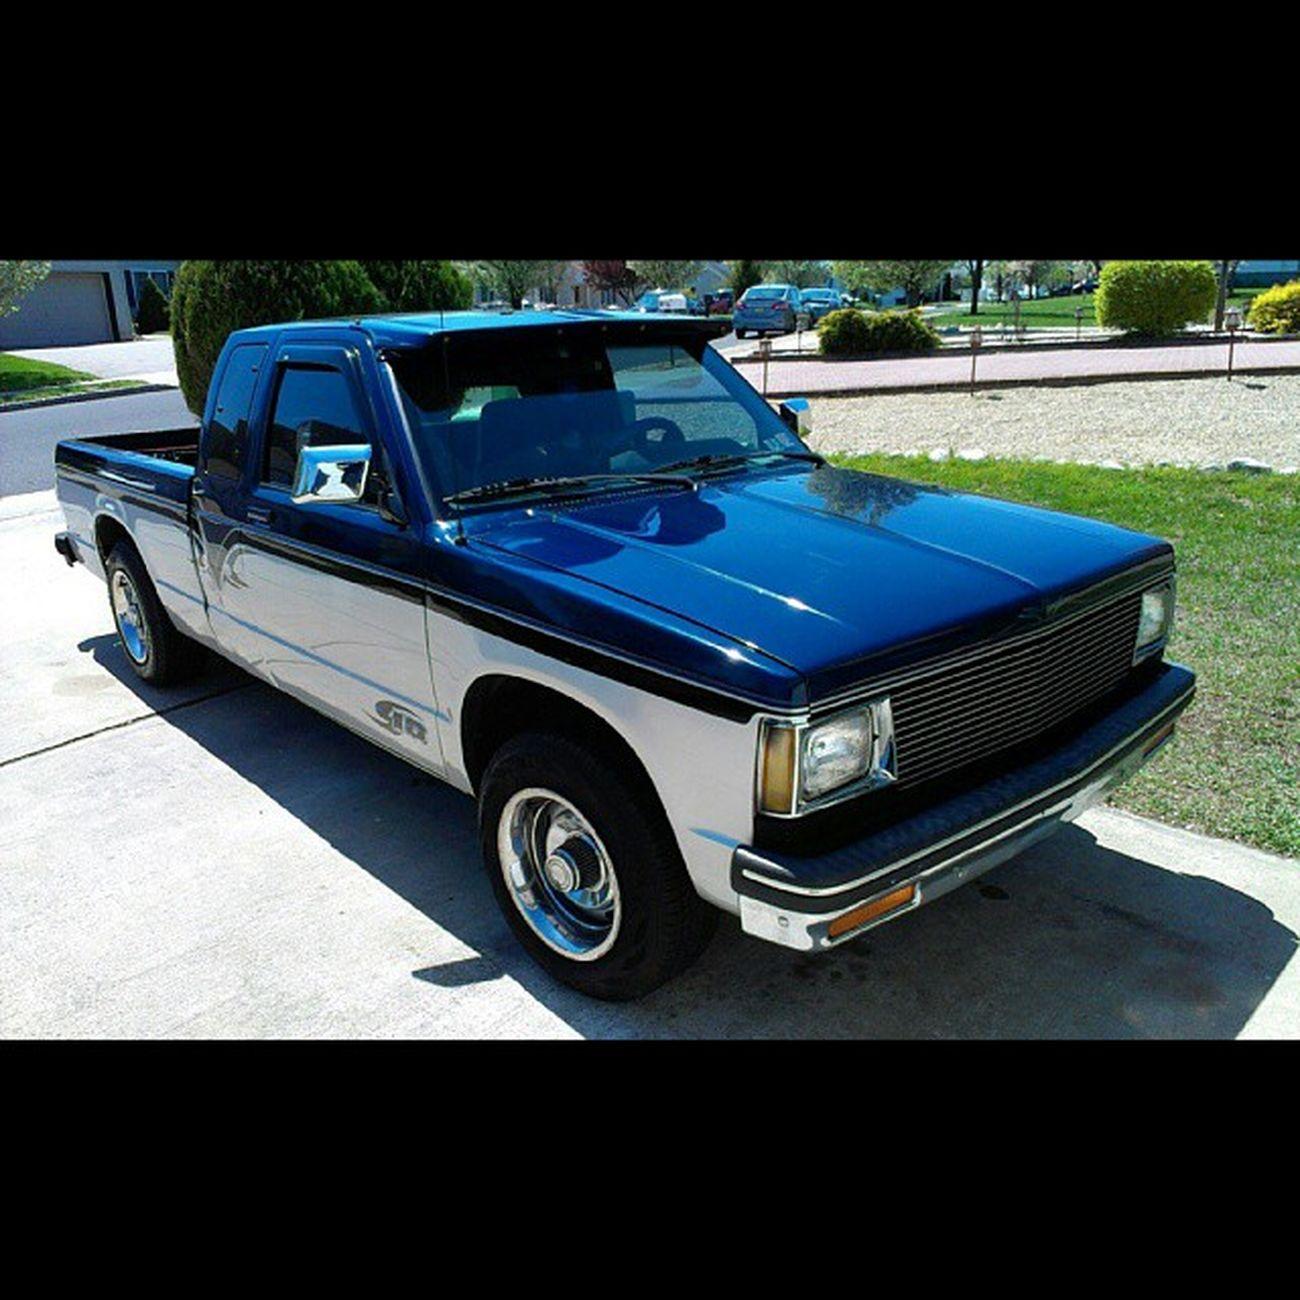 92 Chevy S10 Myride Pickuptruck LeeOnis